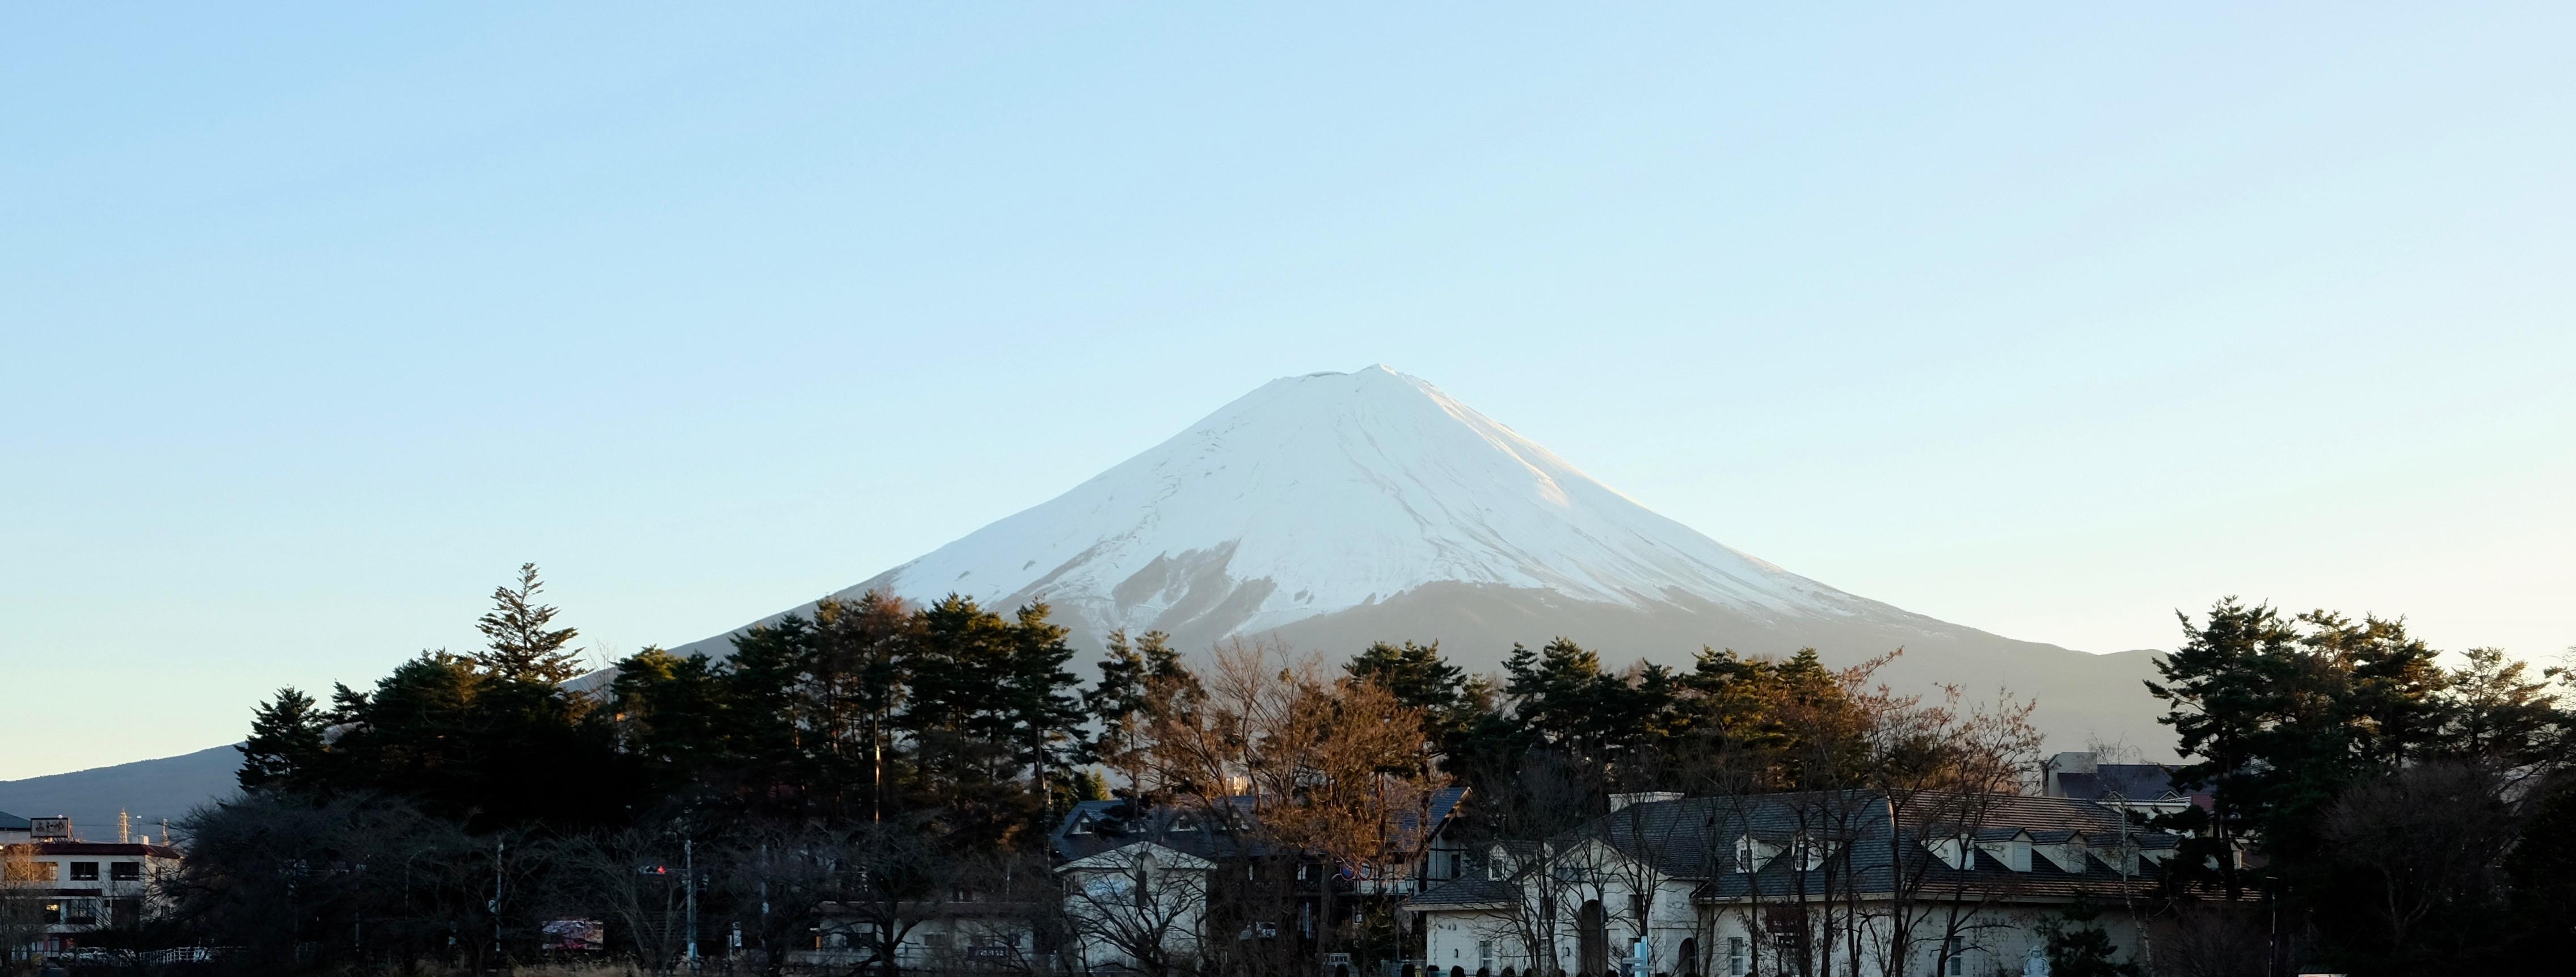 Правительство Японии обеспокоено возможными последствиями извержения Фудзи